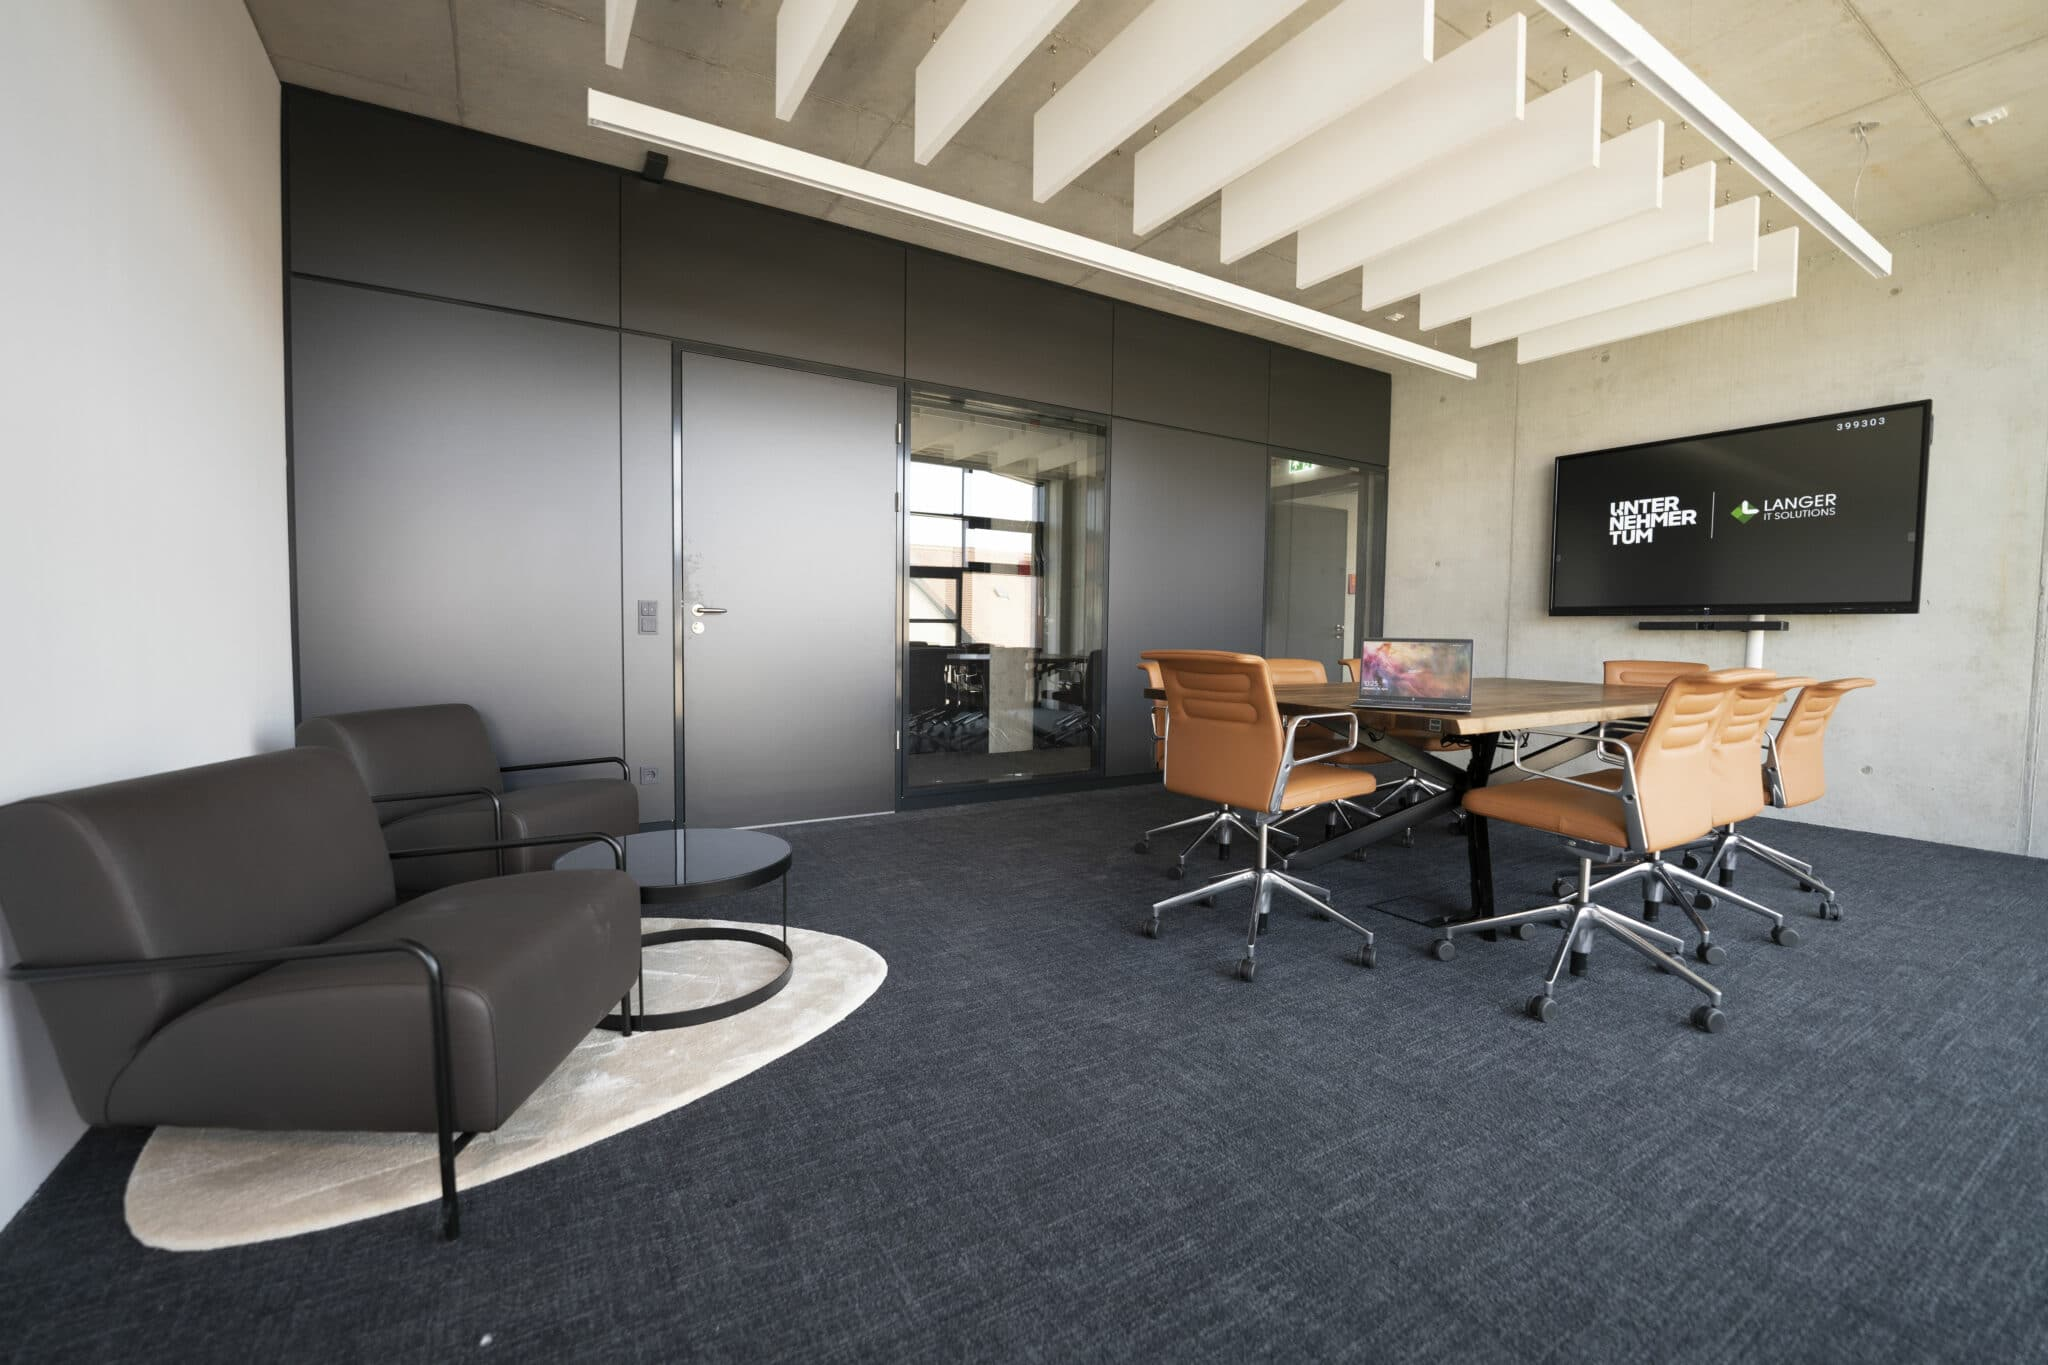 Meetingraum mit Tisch, Stühlen, Couch und Medientechnik